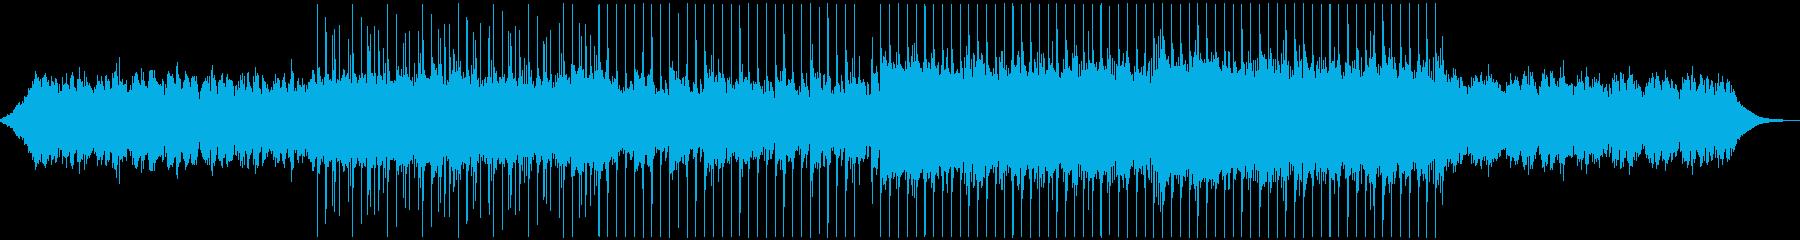 爽やかなポップ S(inst)の再生済みの波形